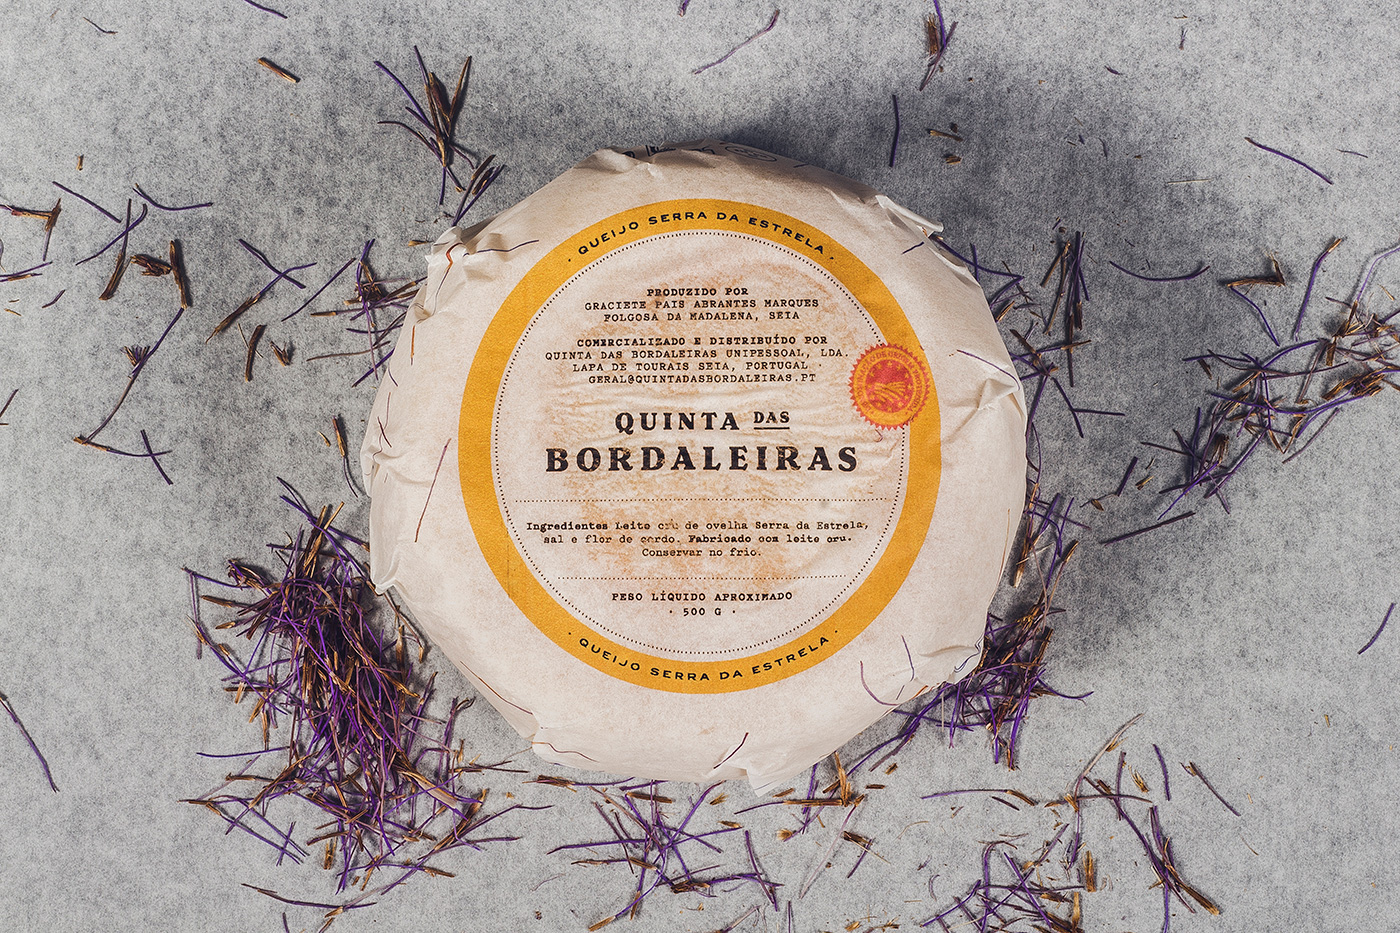 Quinta das Bordaleiras Serra da Estrela Cheese queijo da serra natur logo memories mountain